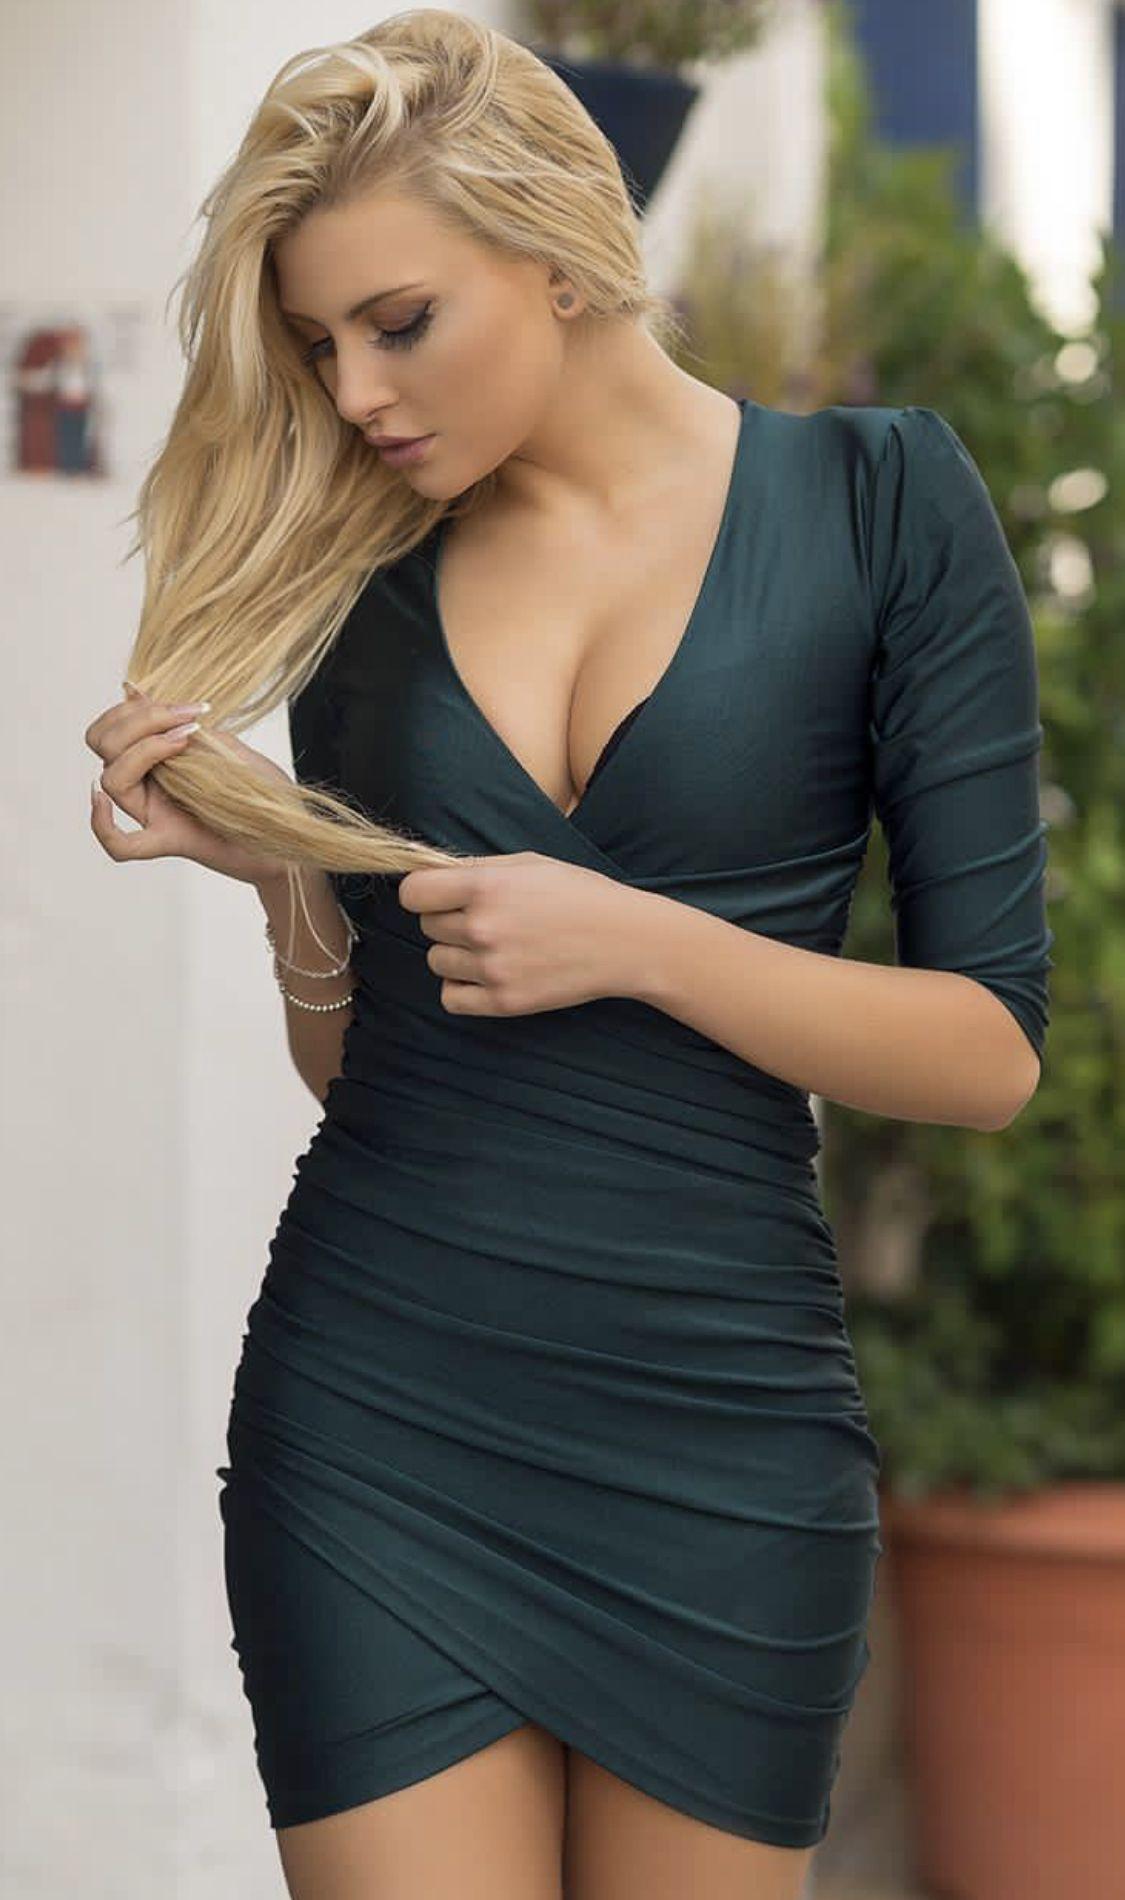 pin von marc macs auf dress | schönheit, schöne frauen, frau